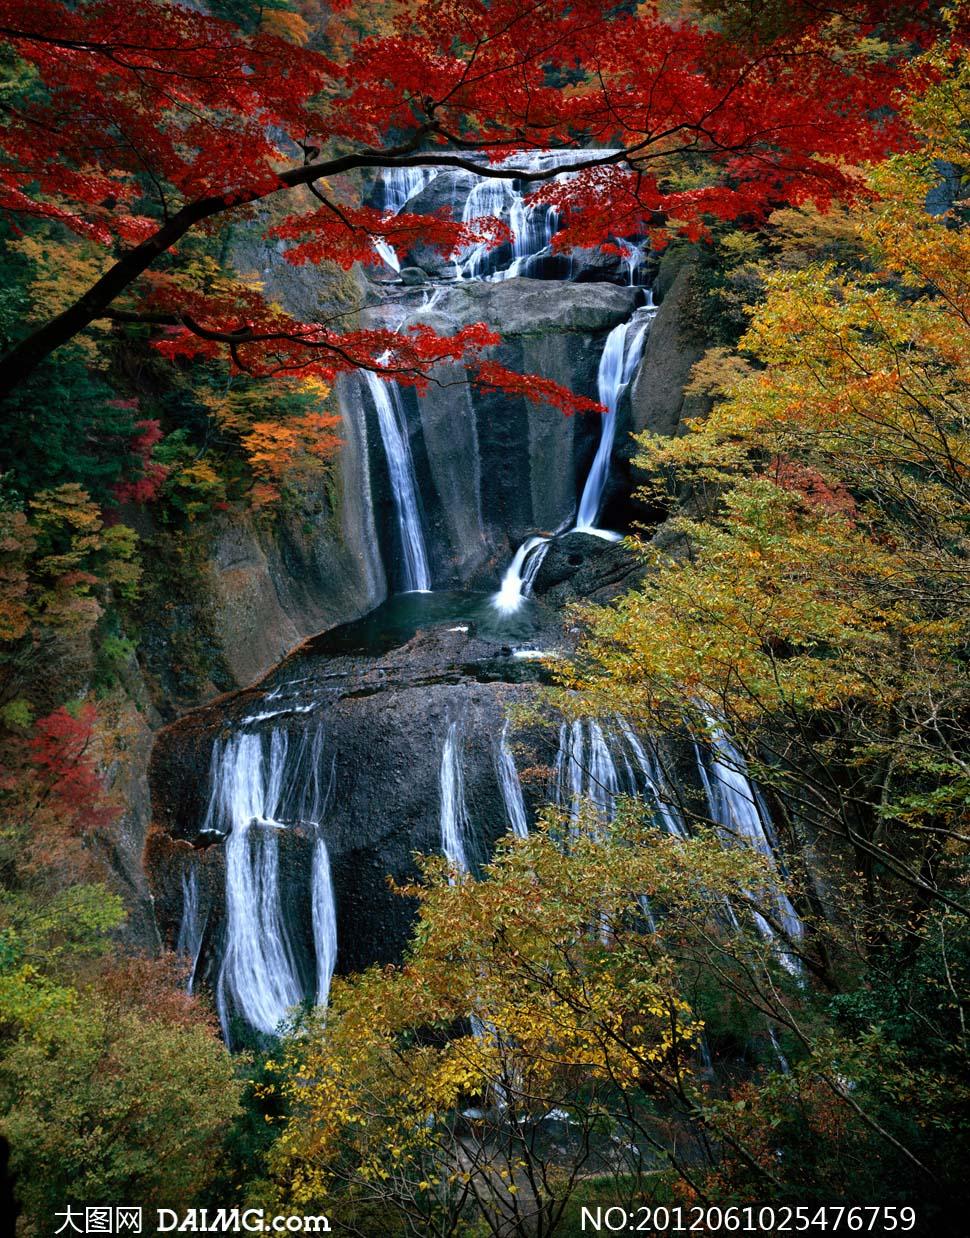 小溪流水风景,流水,水流,溪流,河流,高清图片,免费下载 - 绘艺素材